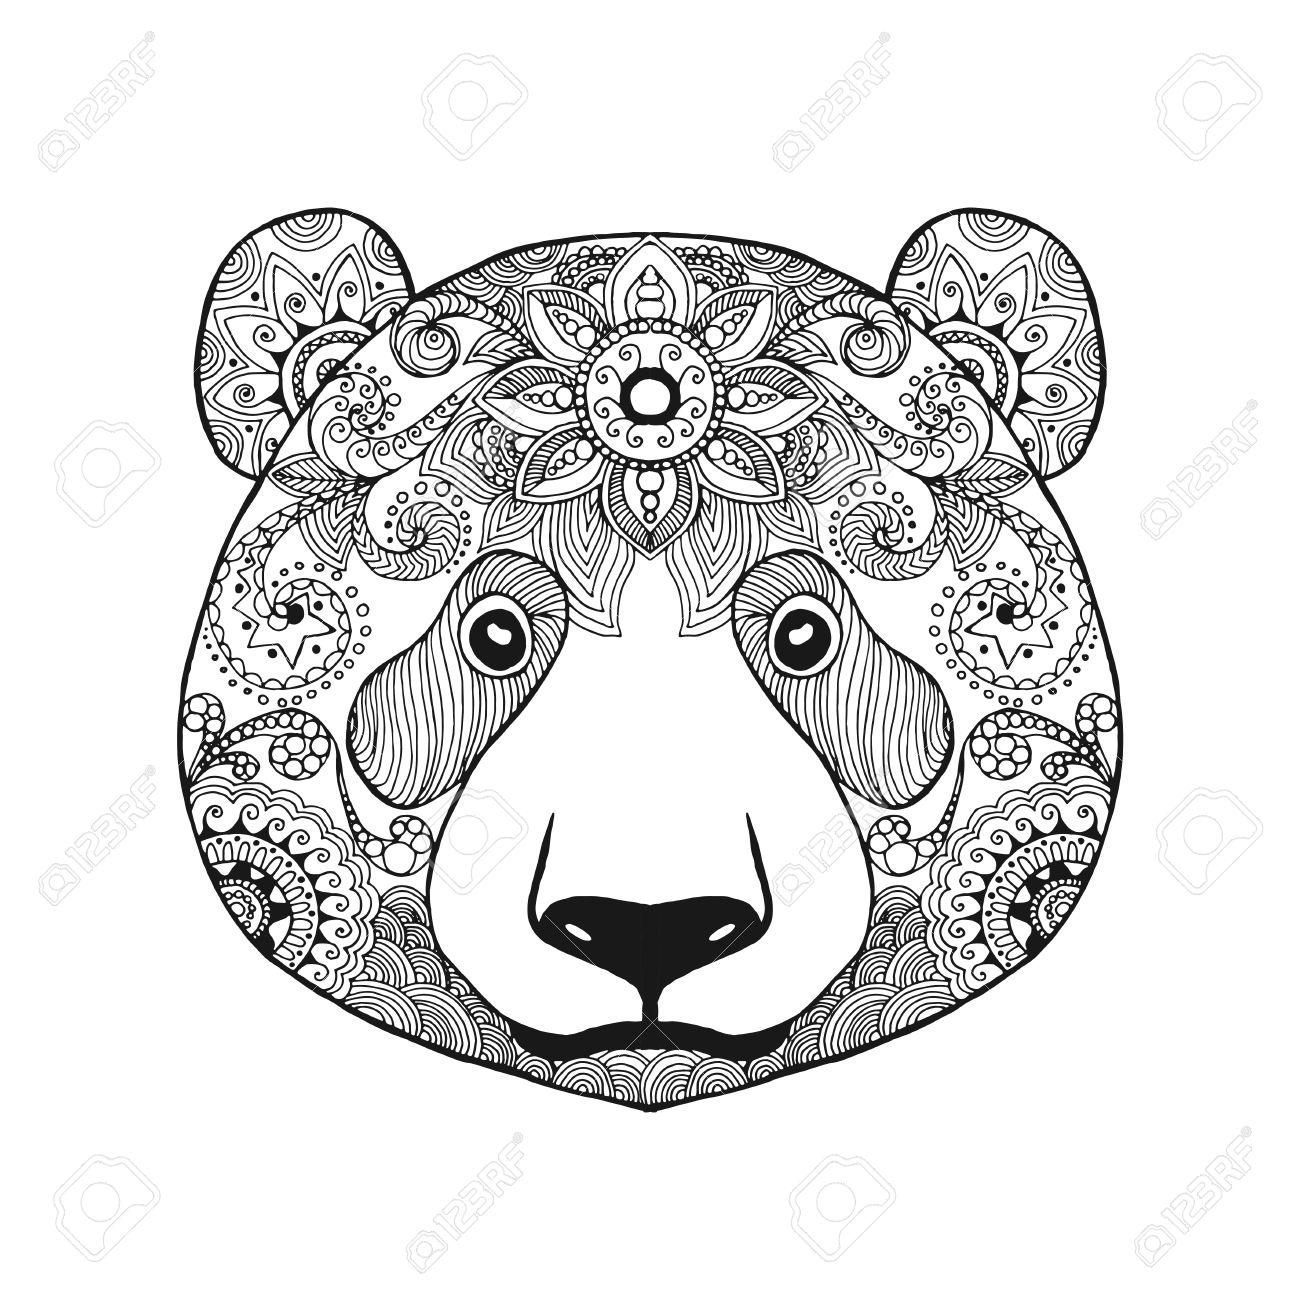 Niedlichen Pandabären. Schwarz-weiße Hand Gezeichnet Doodle Tier ...